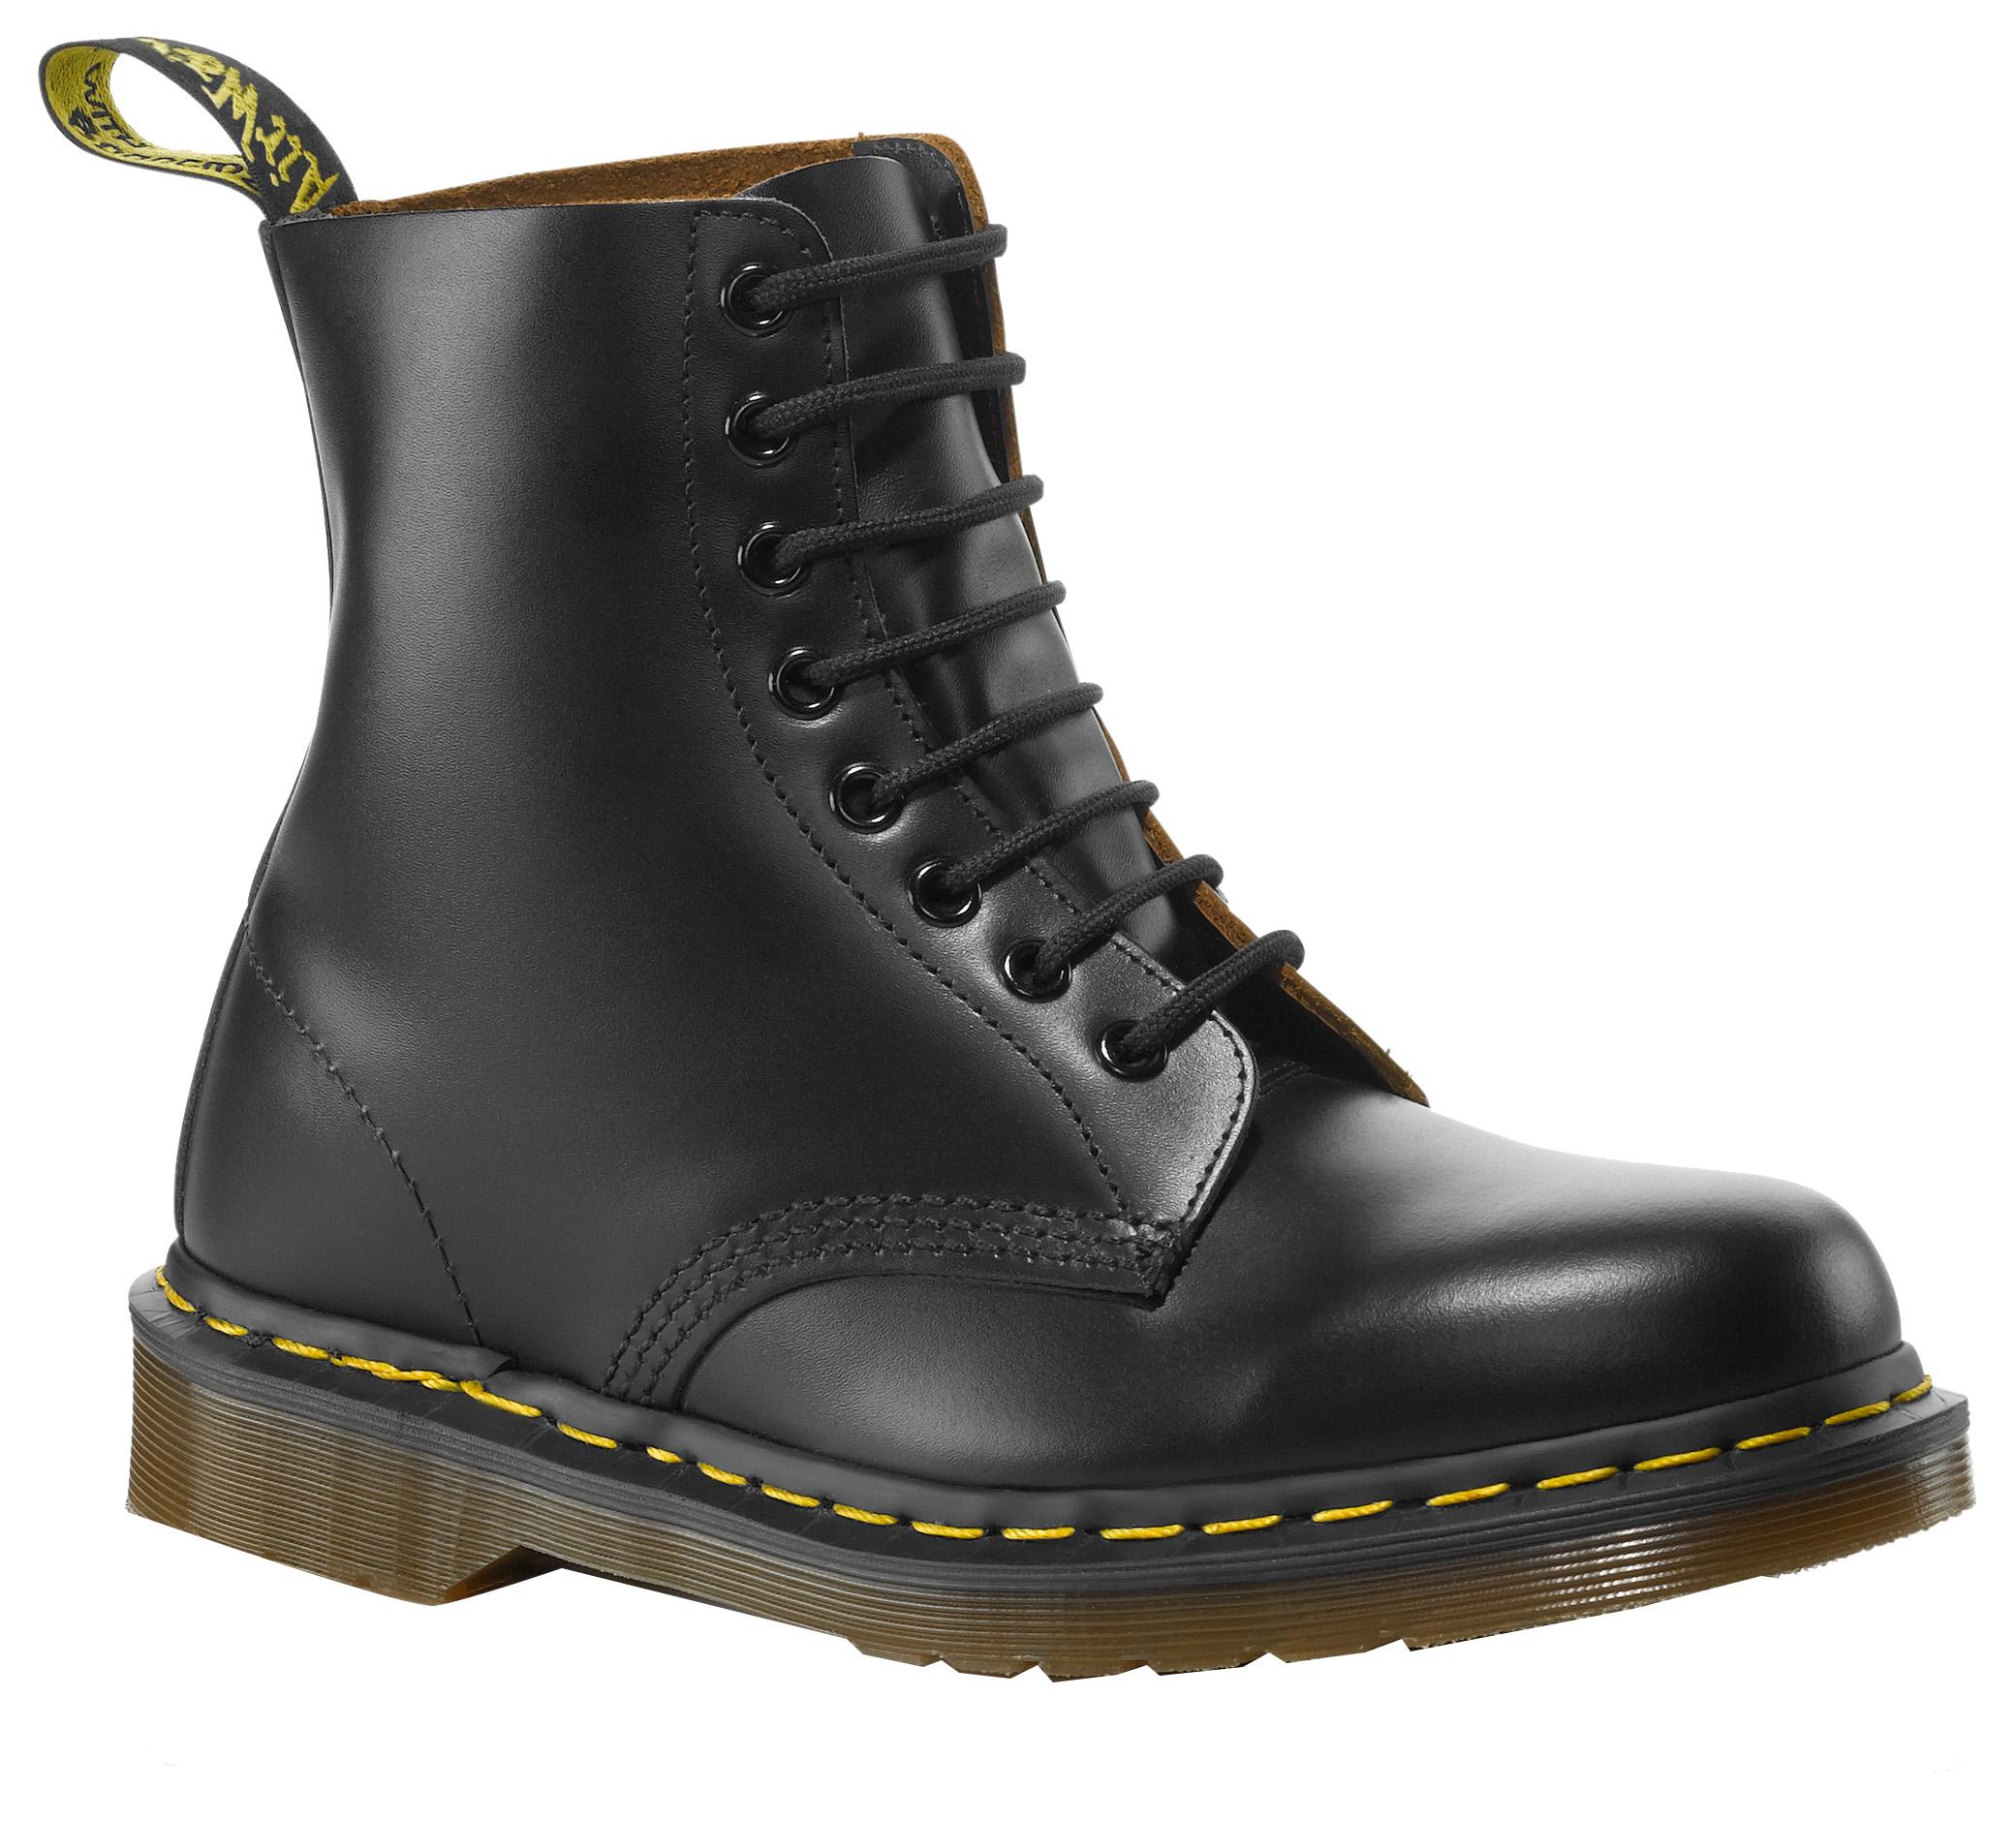 vintage 1460 men 39 s boots official dr martens store uk. Black Bedroom Furniture Sets. Home Design Ideas